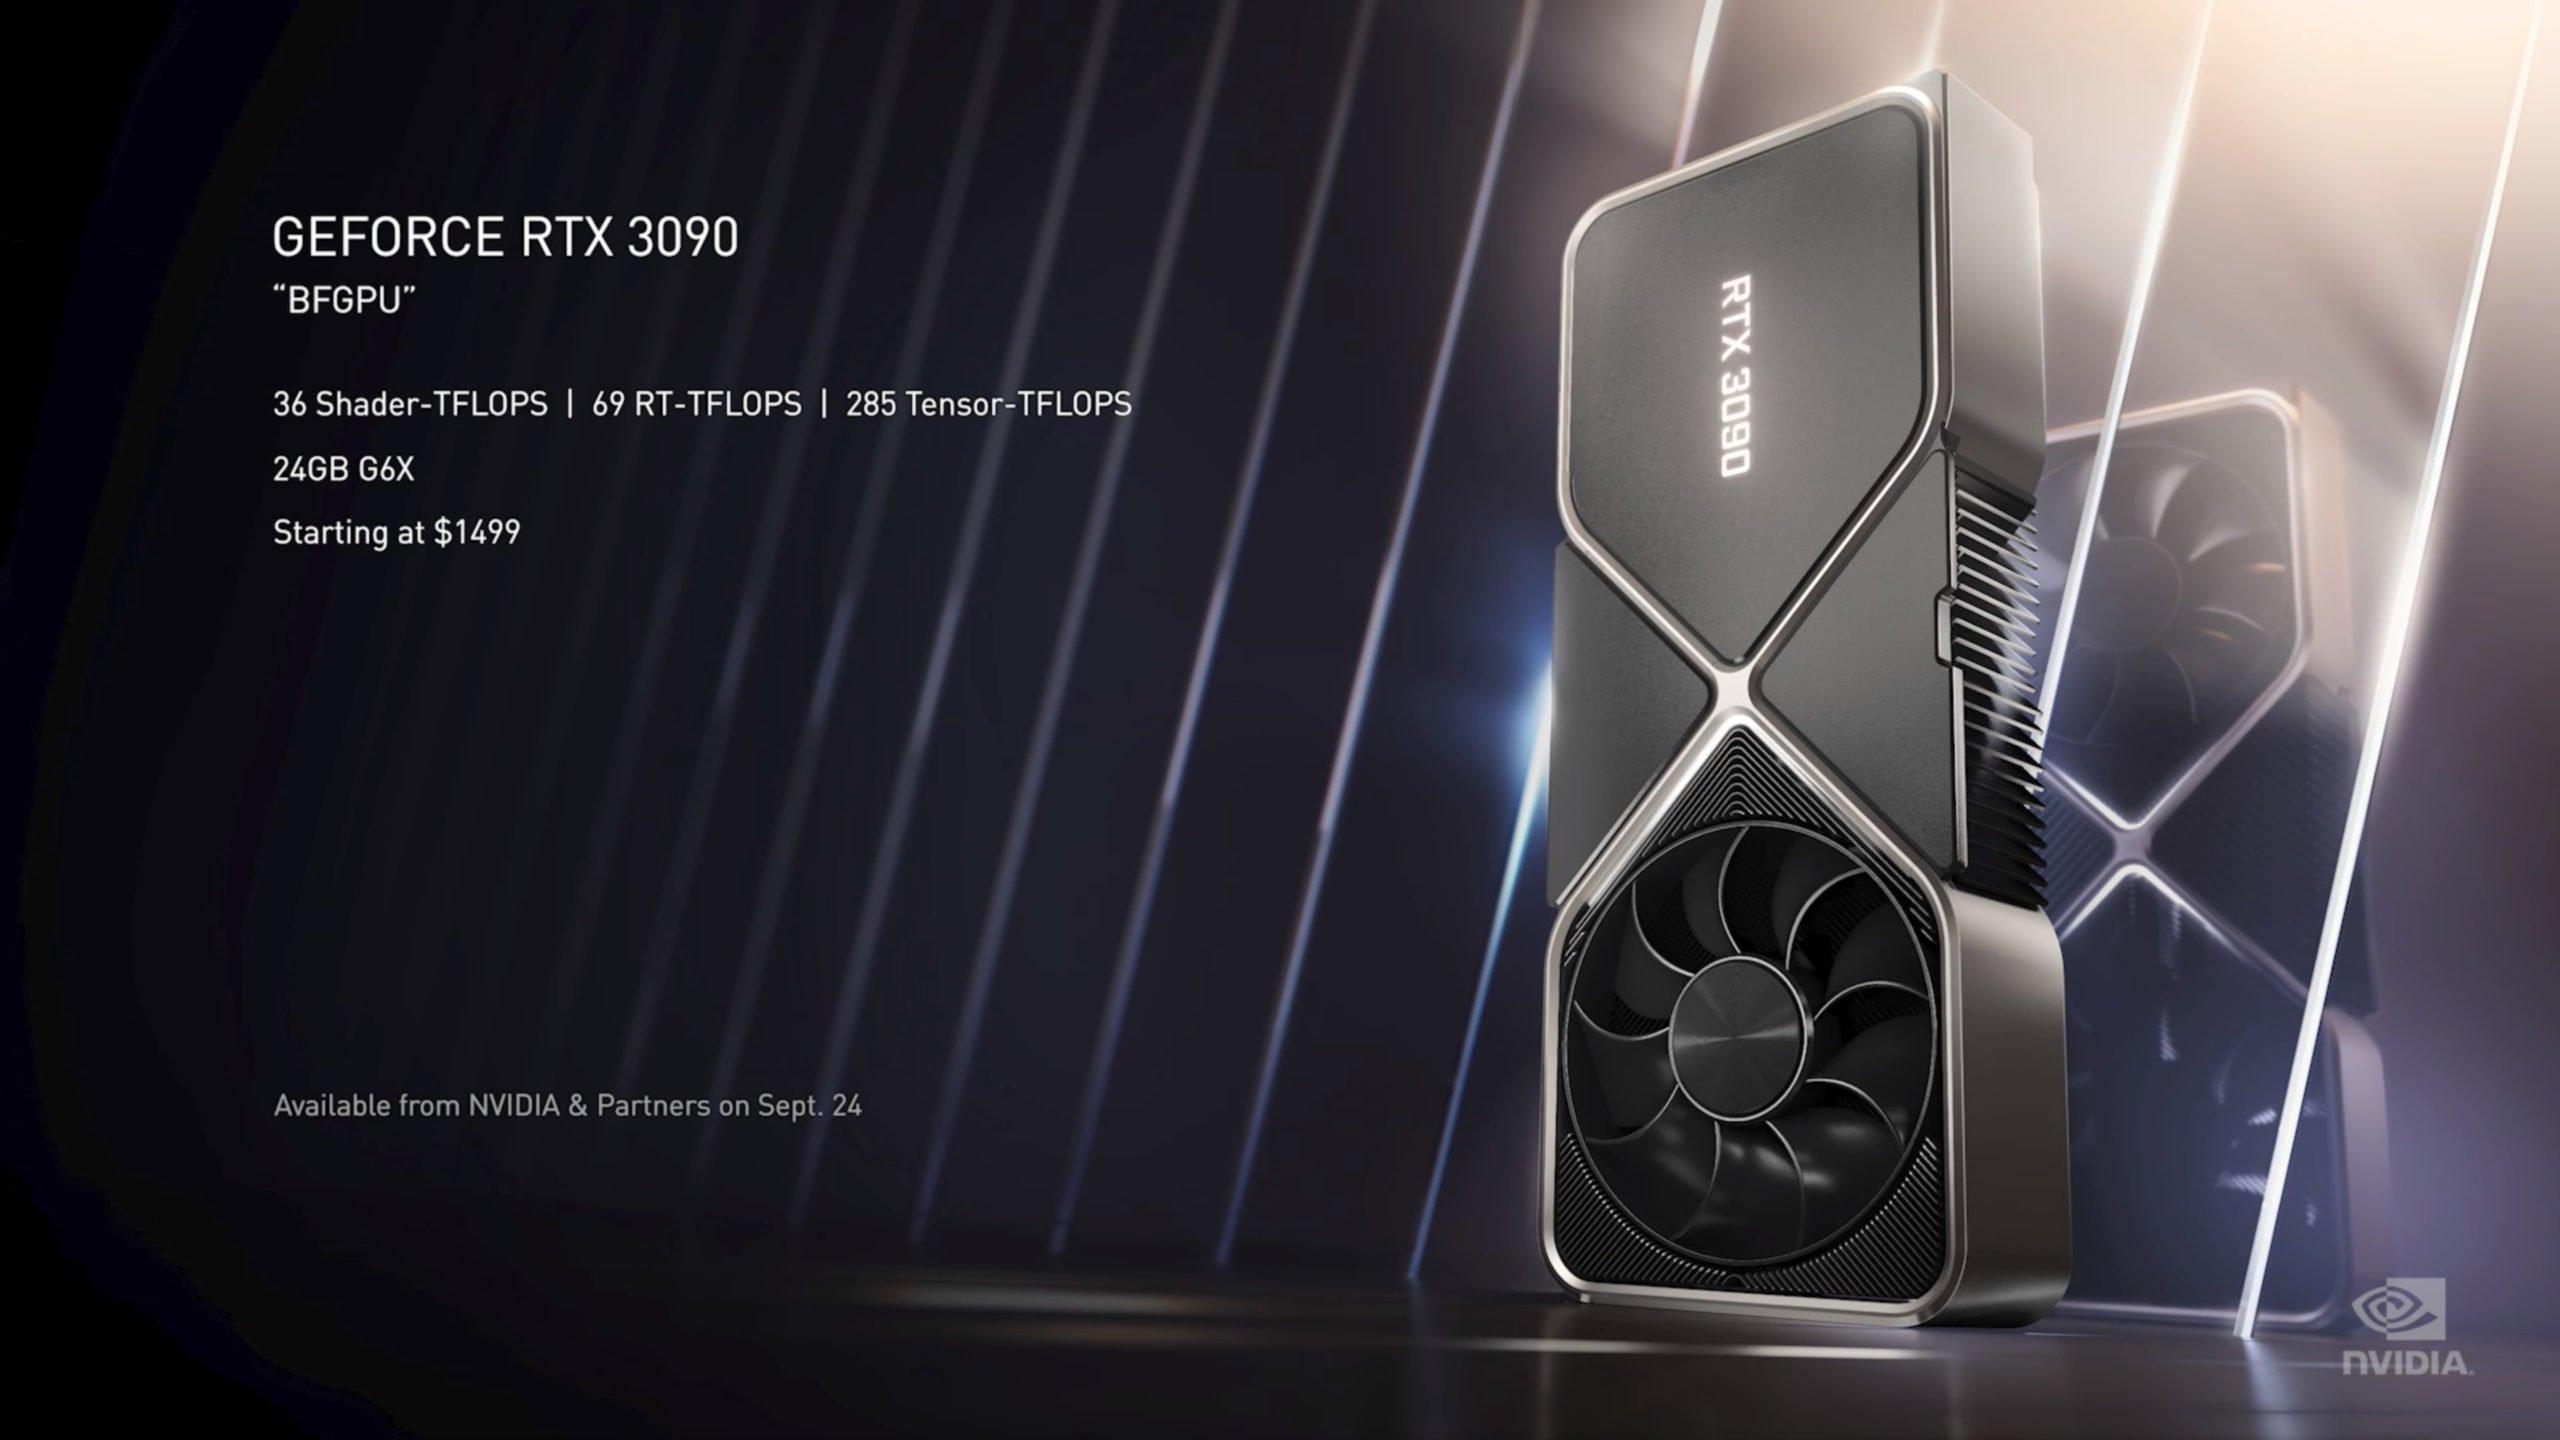 A Nvidia acabou de anunciar a nova geração de placas de vídeo que vão chegar ao mercado agora em setembro junto com a poderosa RTX 3090.